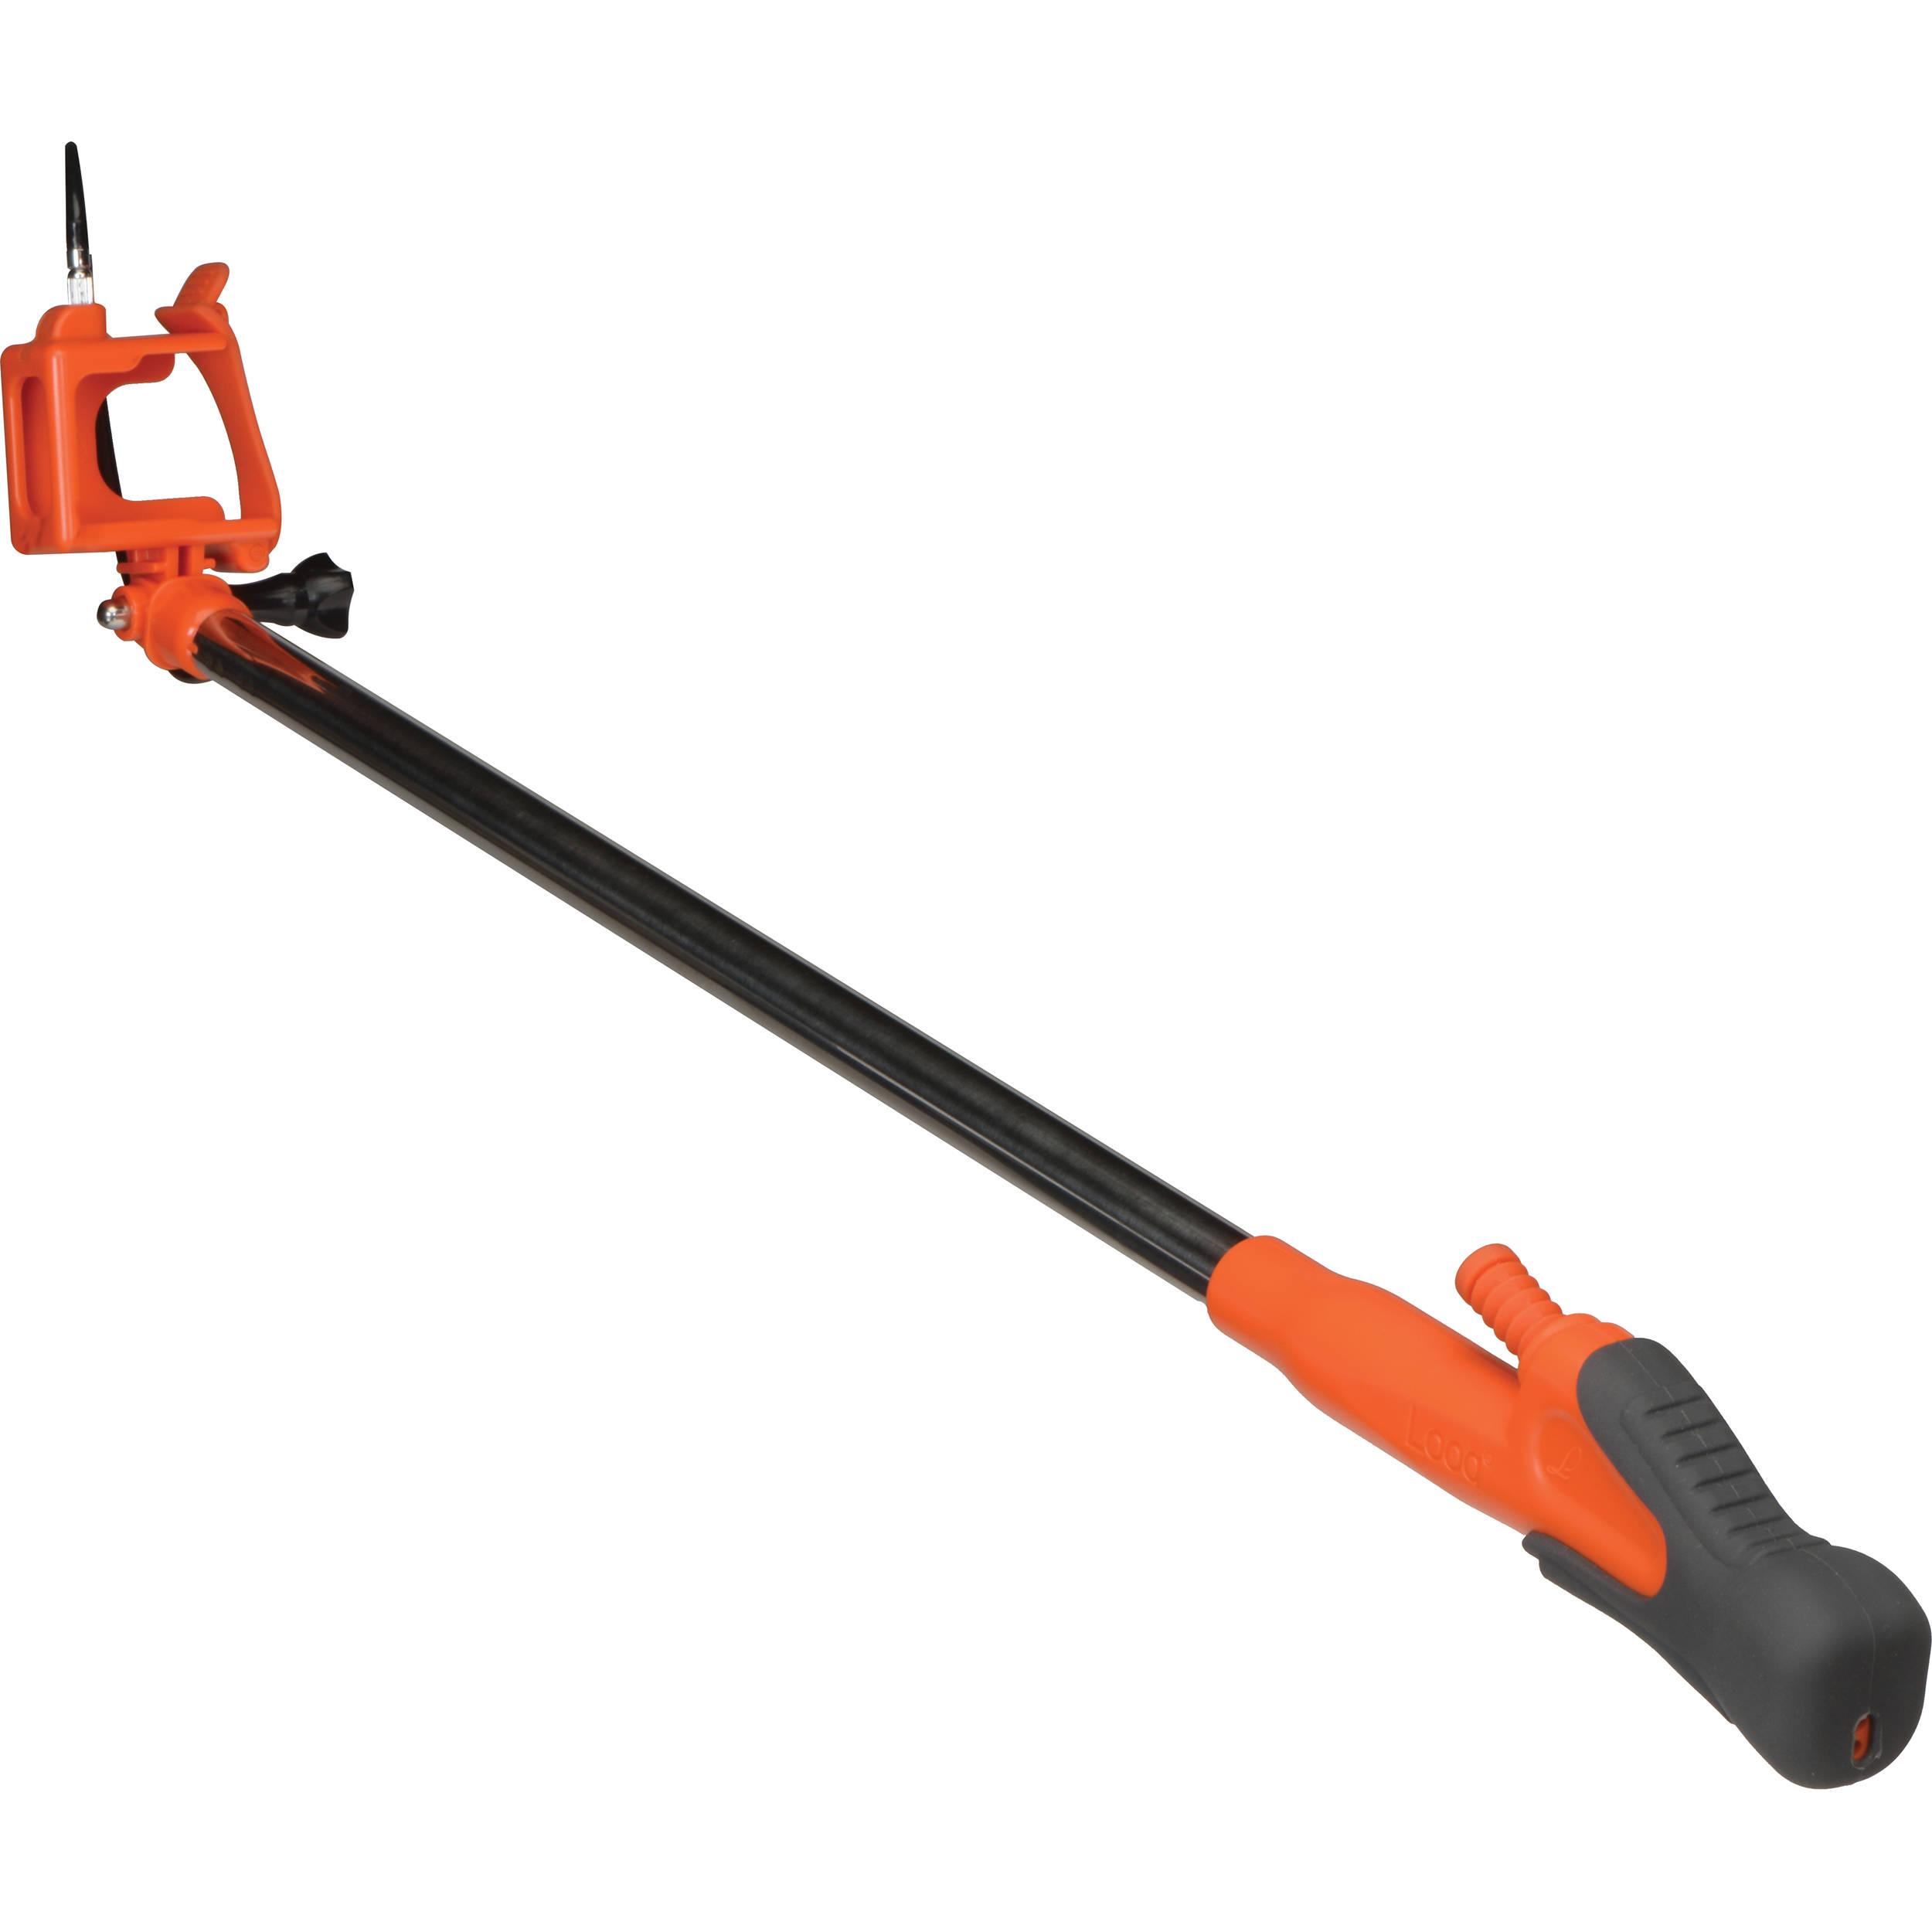 looq pro selfie stick for gopro orange pgc br01 b h photo. Black Bedroom Furniture Sets. Home Design Ideas